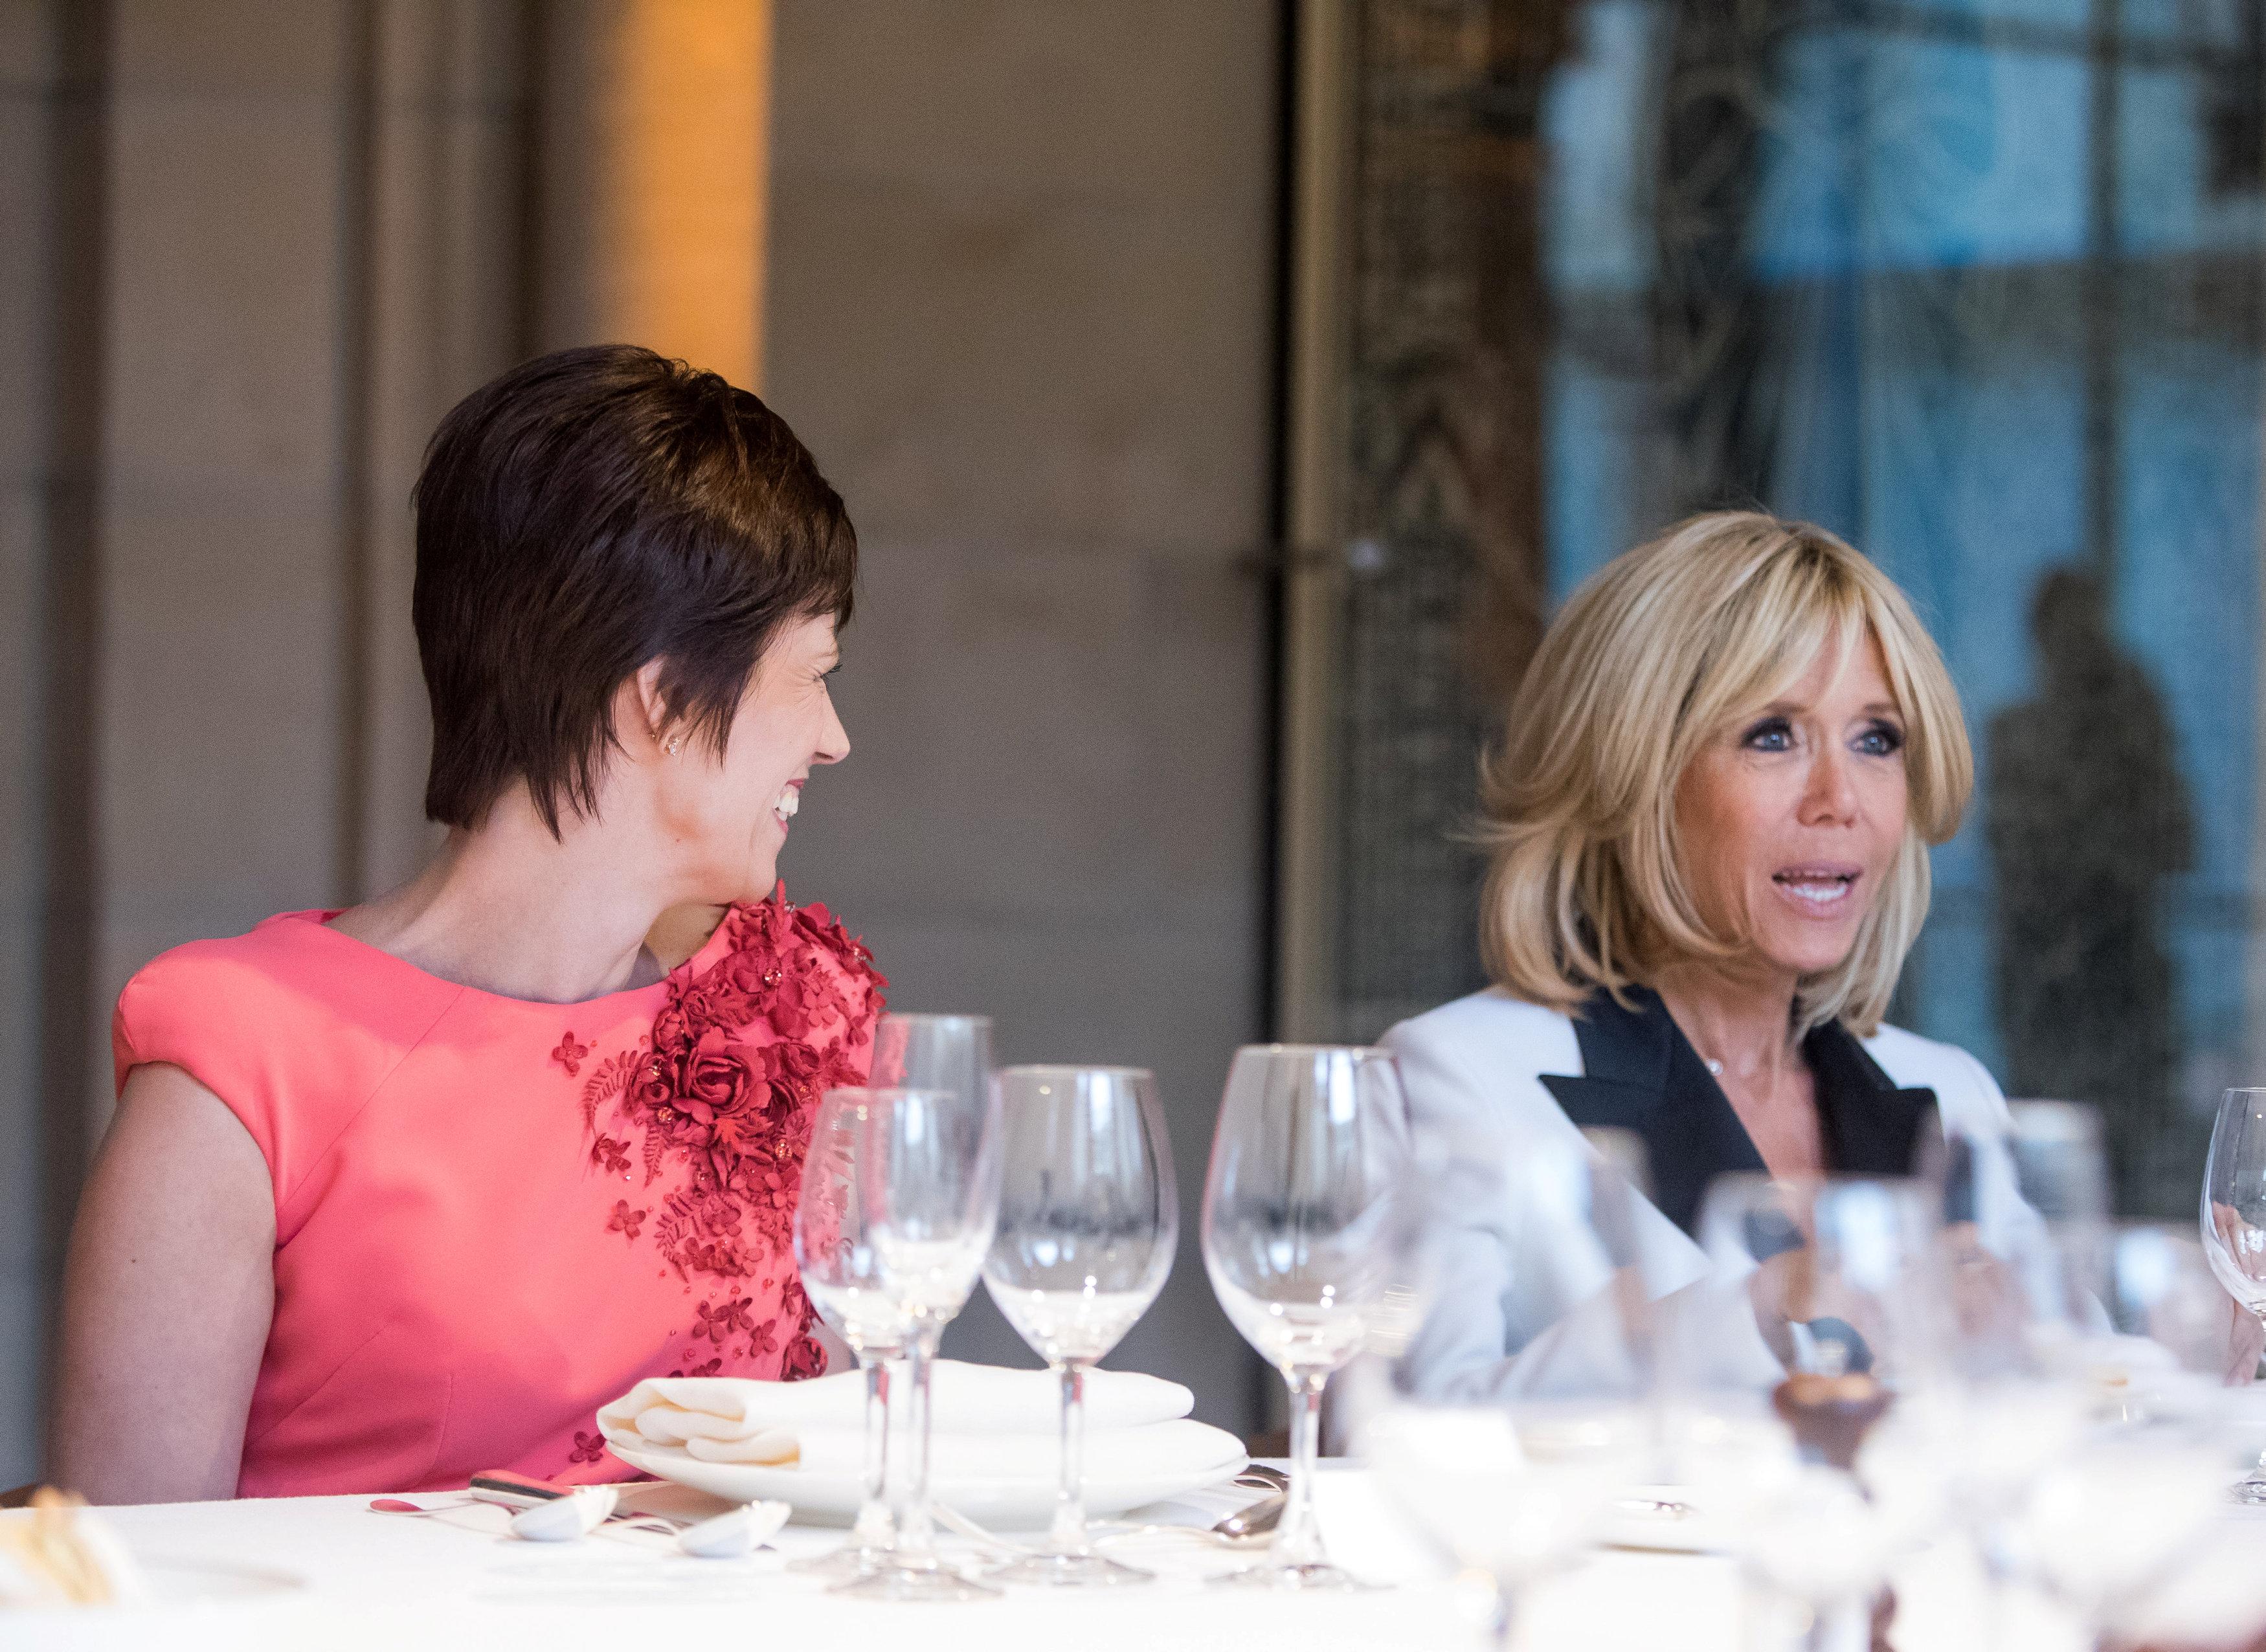 زوجة ماكرون مع زوجة رئيس وزراء بلجيكا